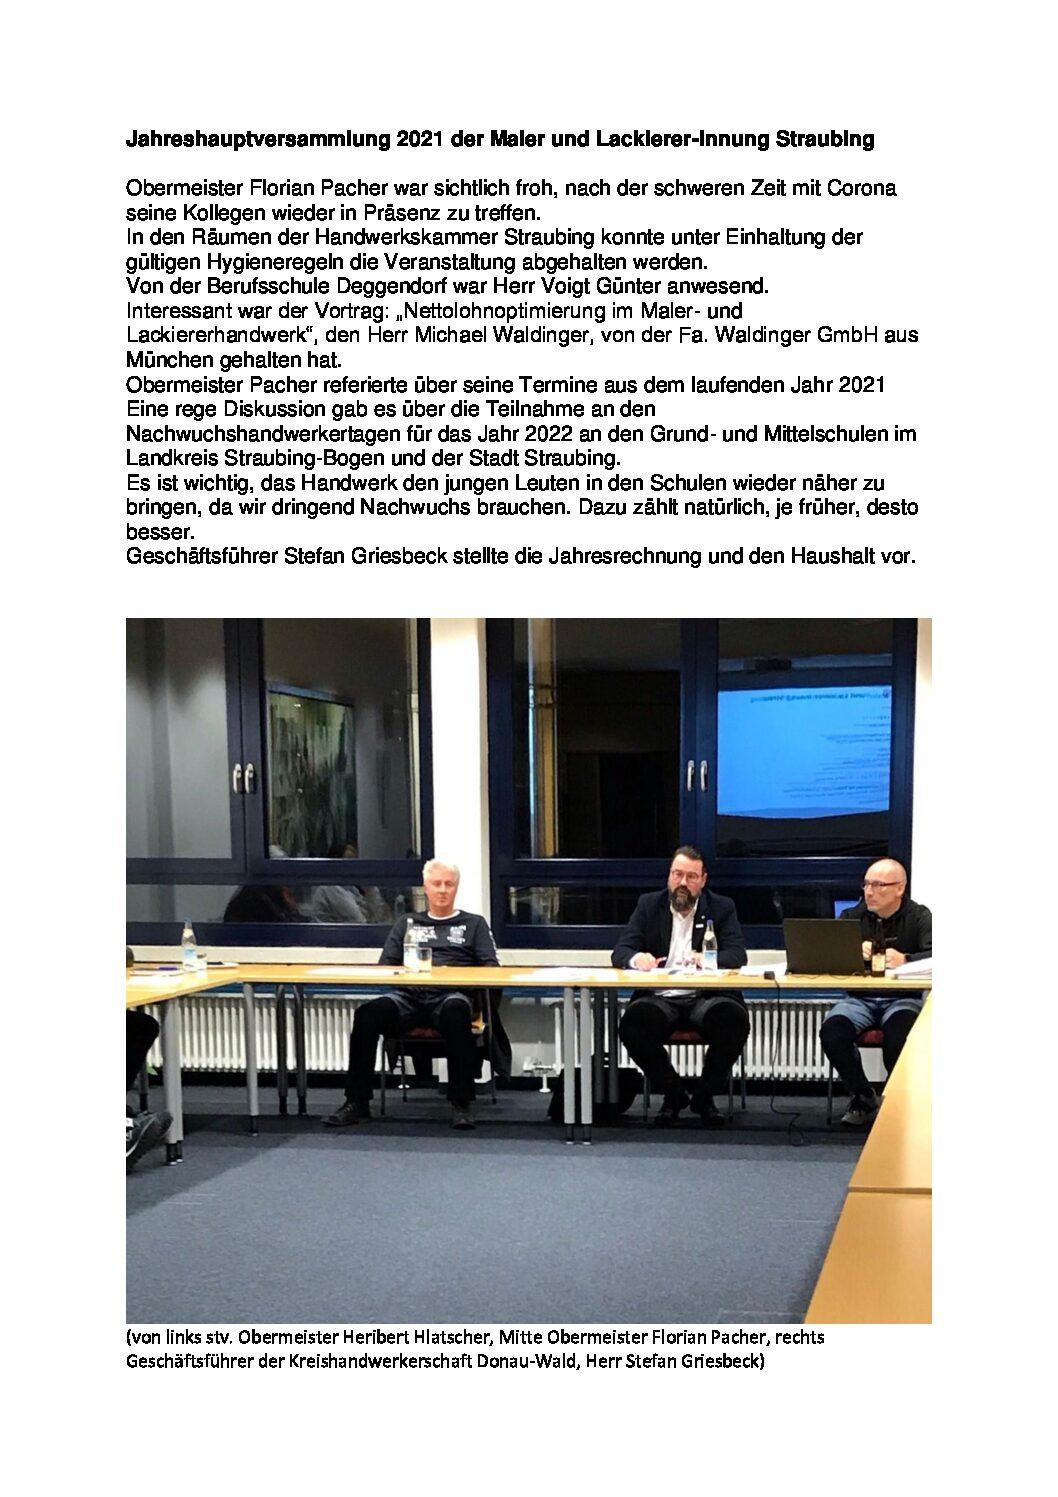 Jahreshauptversammlung der Maler- und Lackierer-Innung Straubing